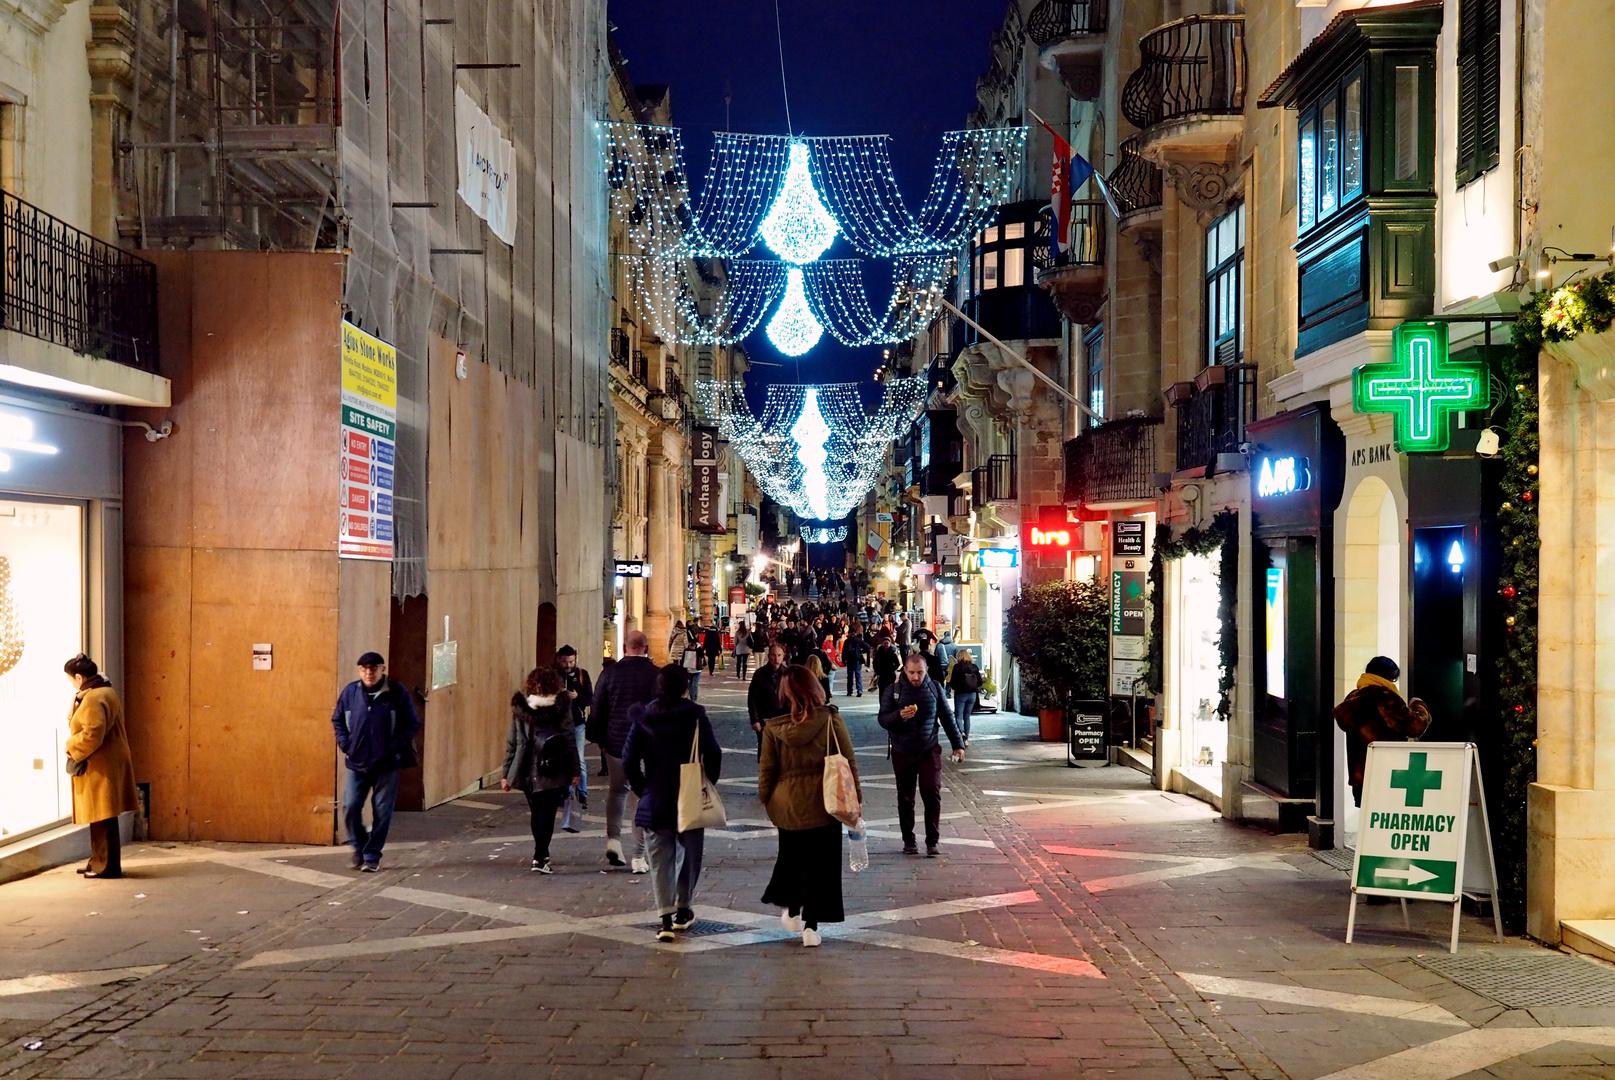 Auf Malta dauert die Weihnachtszeit noch an ...